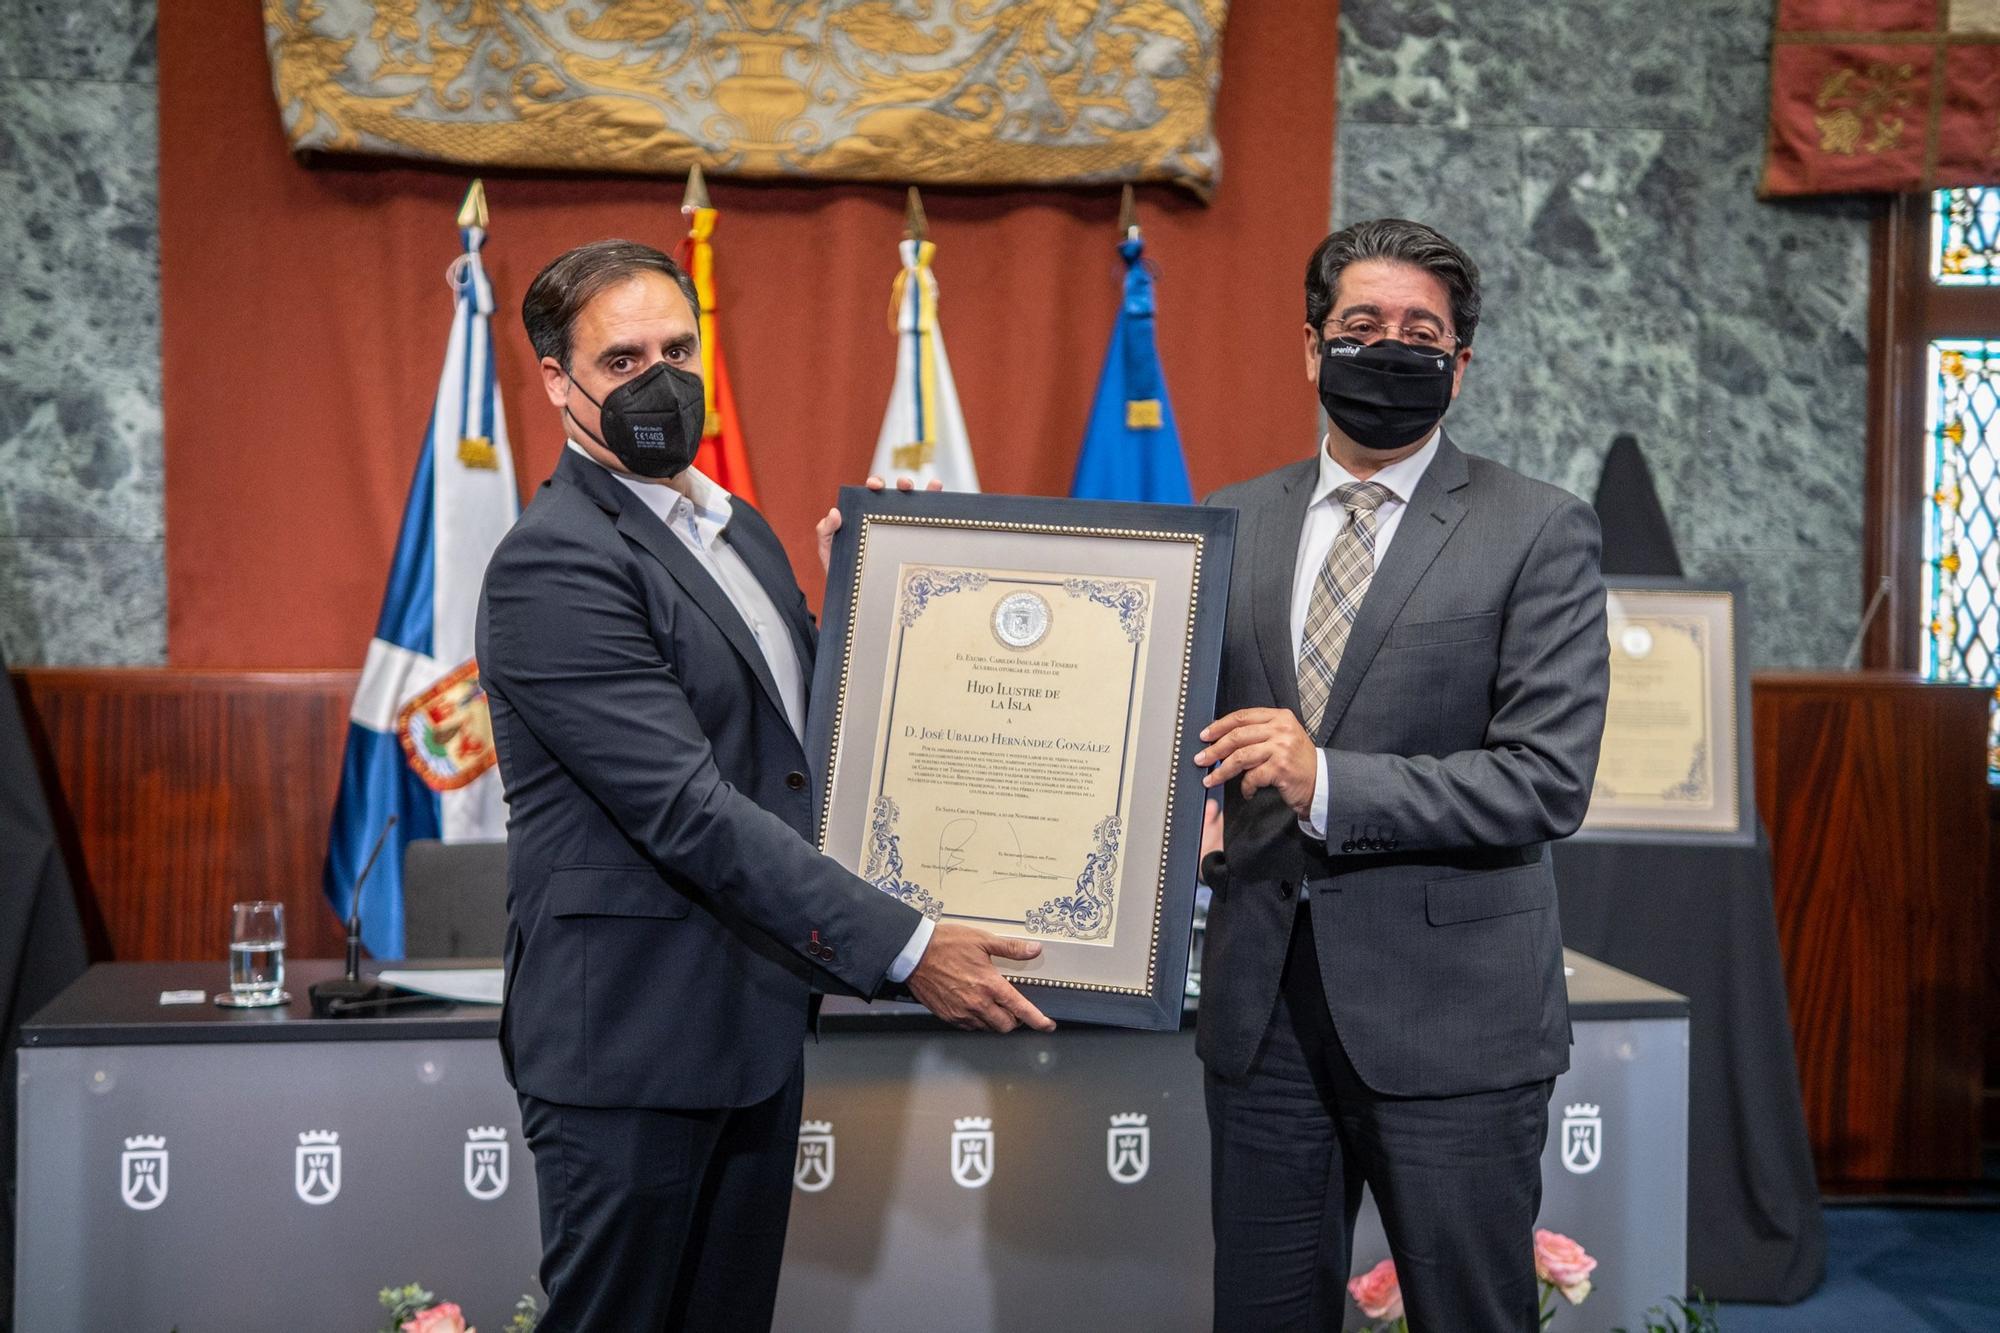 Acto de entrega del título de Hijo ilustre de la Isla a Eduardo Oramas y José Ubaldo Hernández